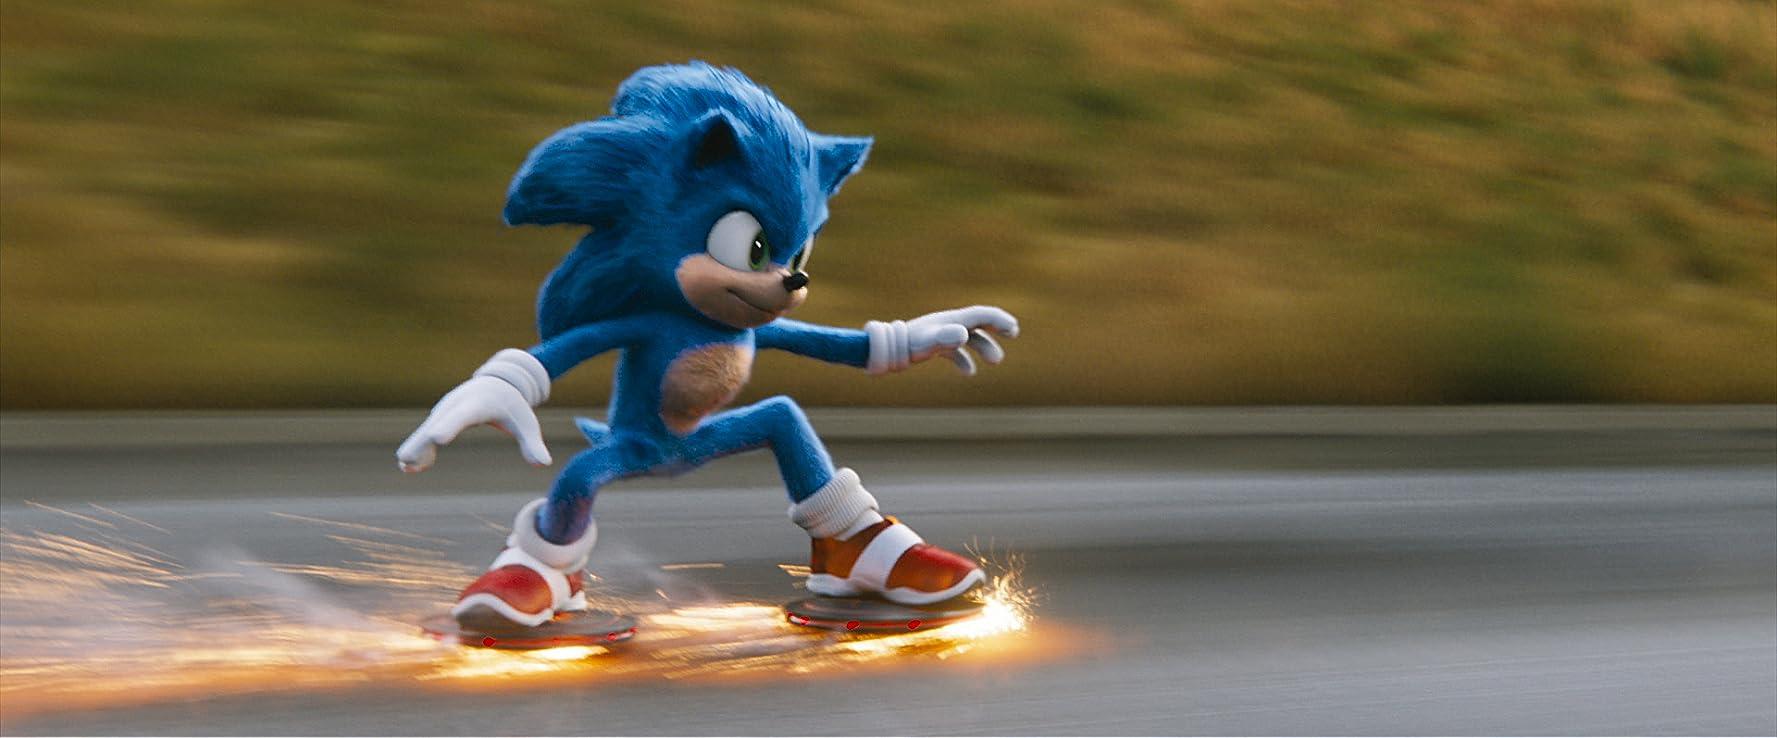 Ben Schwartz in Sonic the Hedgehog (2020)